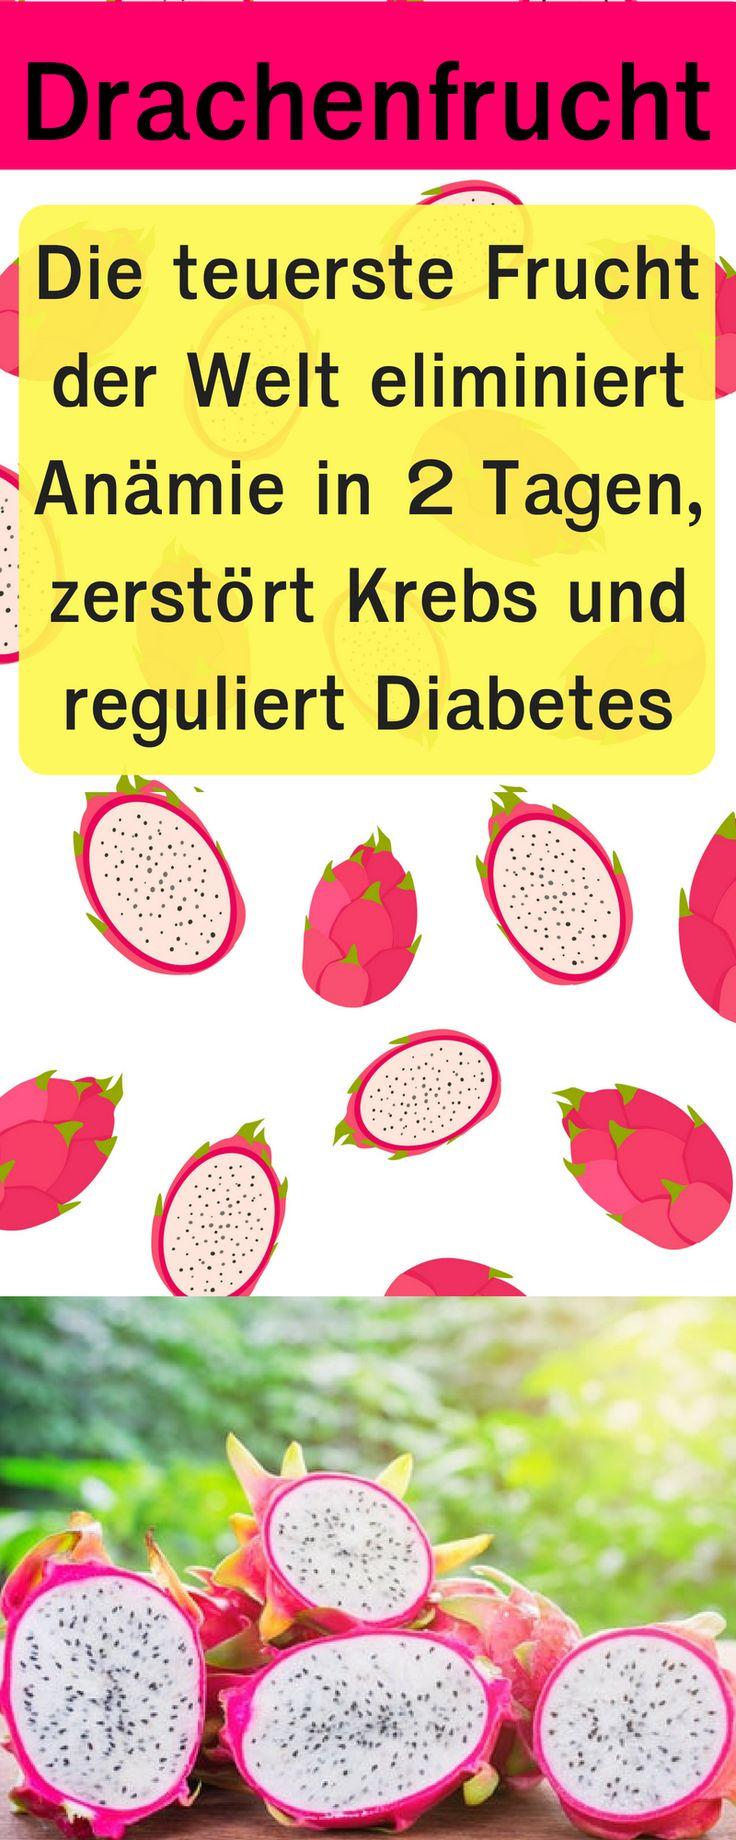 Die teuerste Frucht der Welt eliminiert Anämie in 2 Tagen, zerstört Krebs und reguliert Diabetes